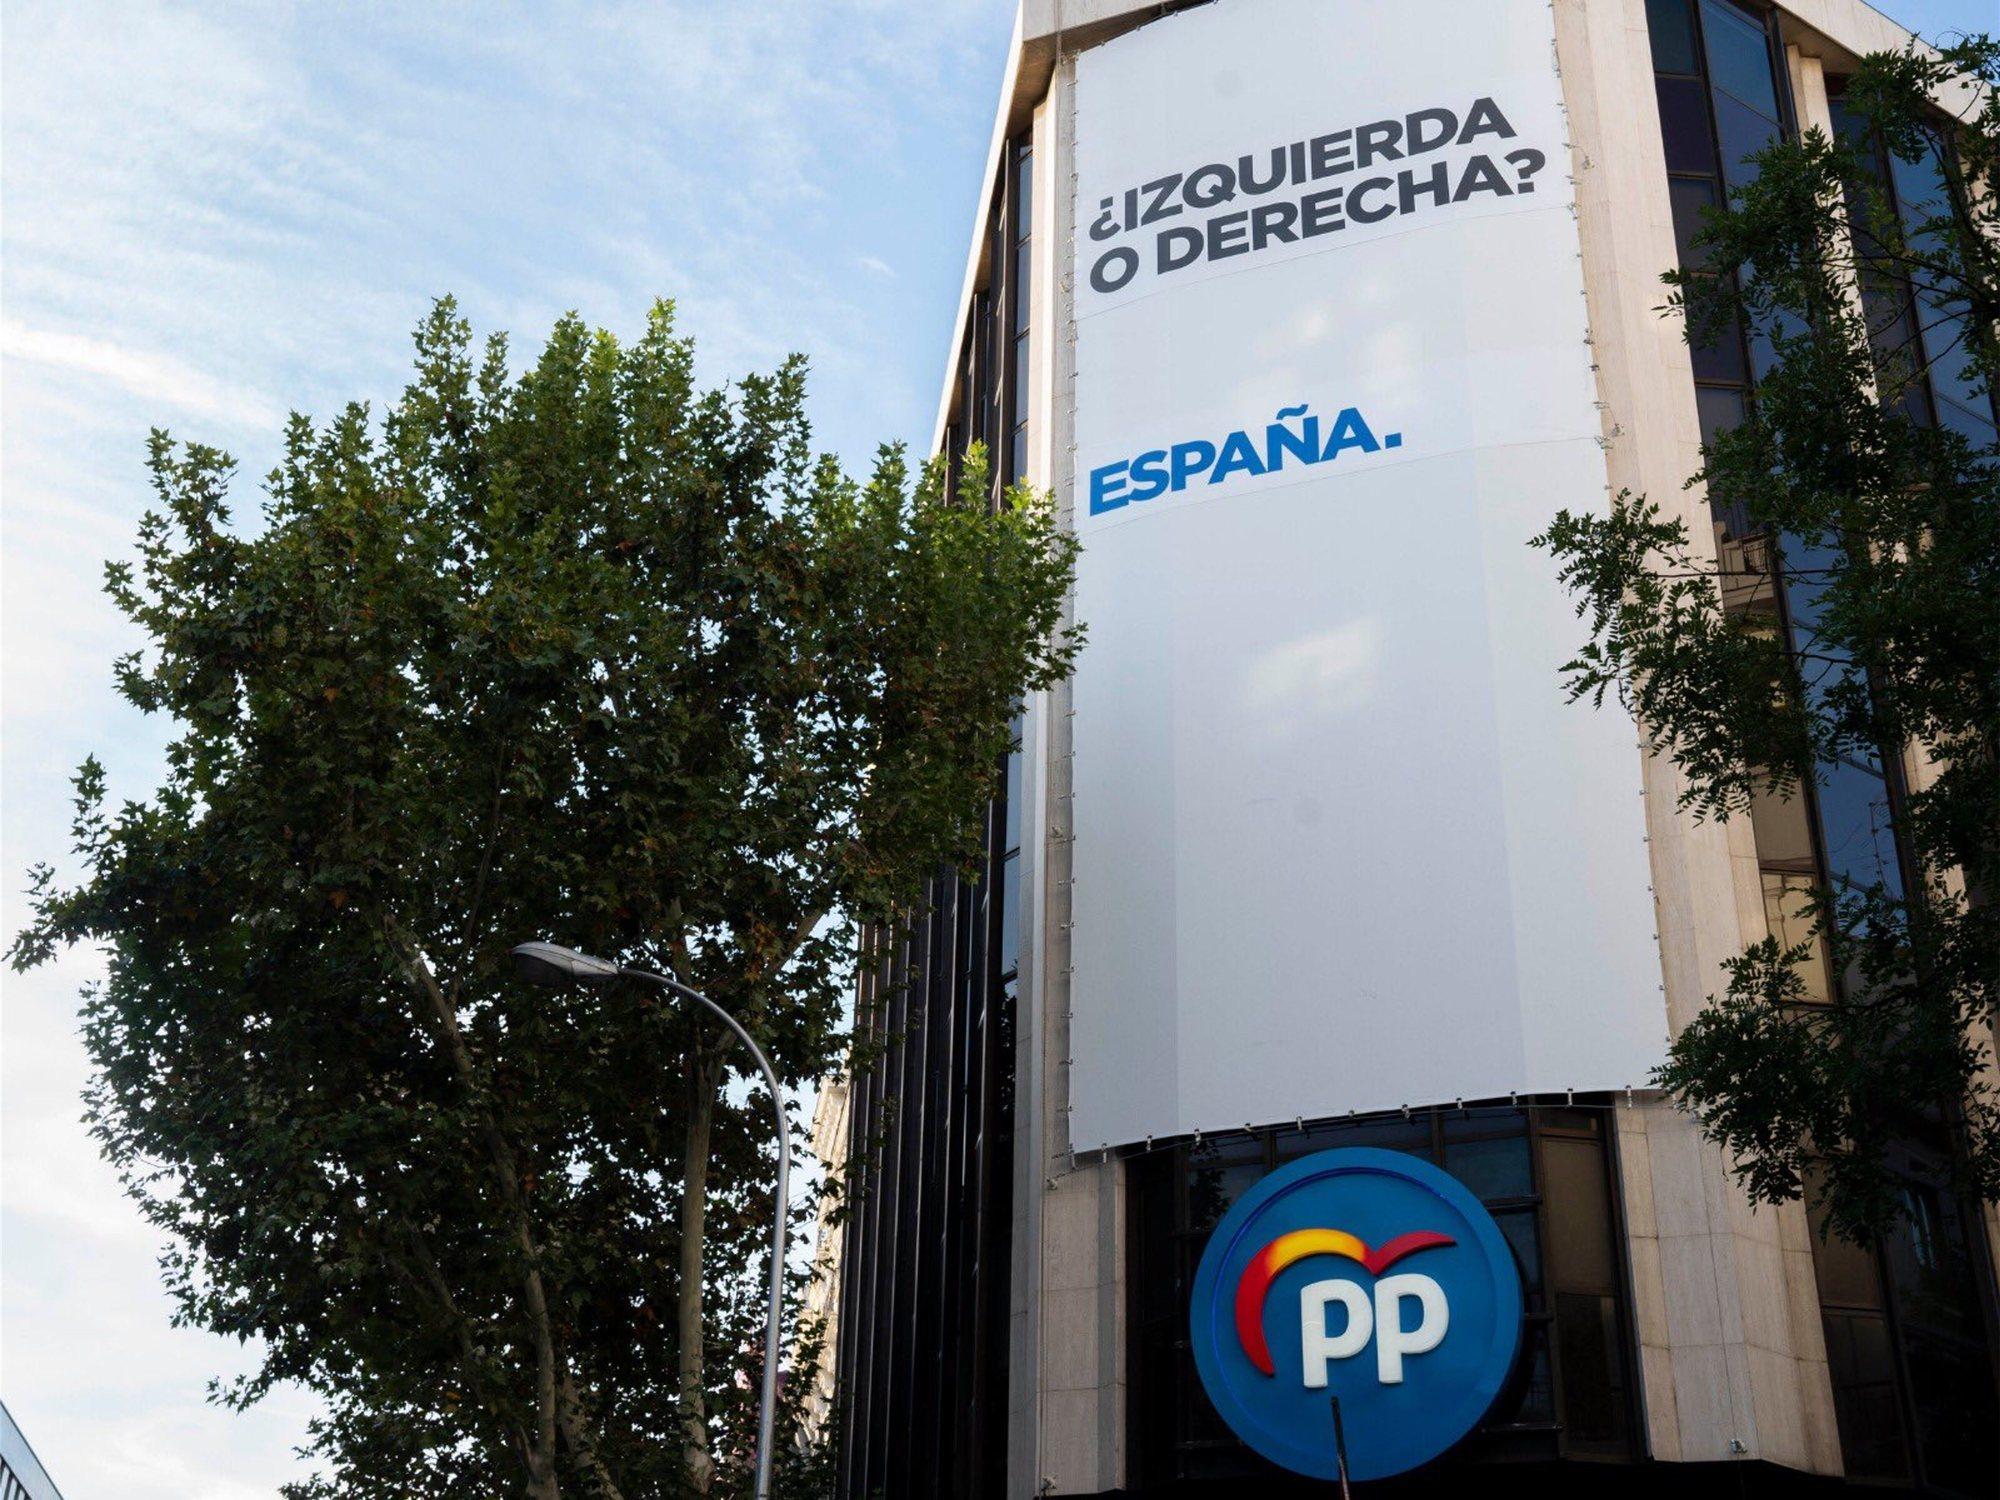 Los mejores memes del nuevo cartel que ha colgado el PP en Génova